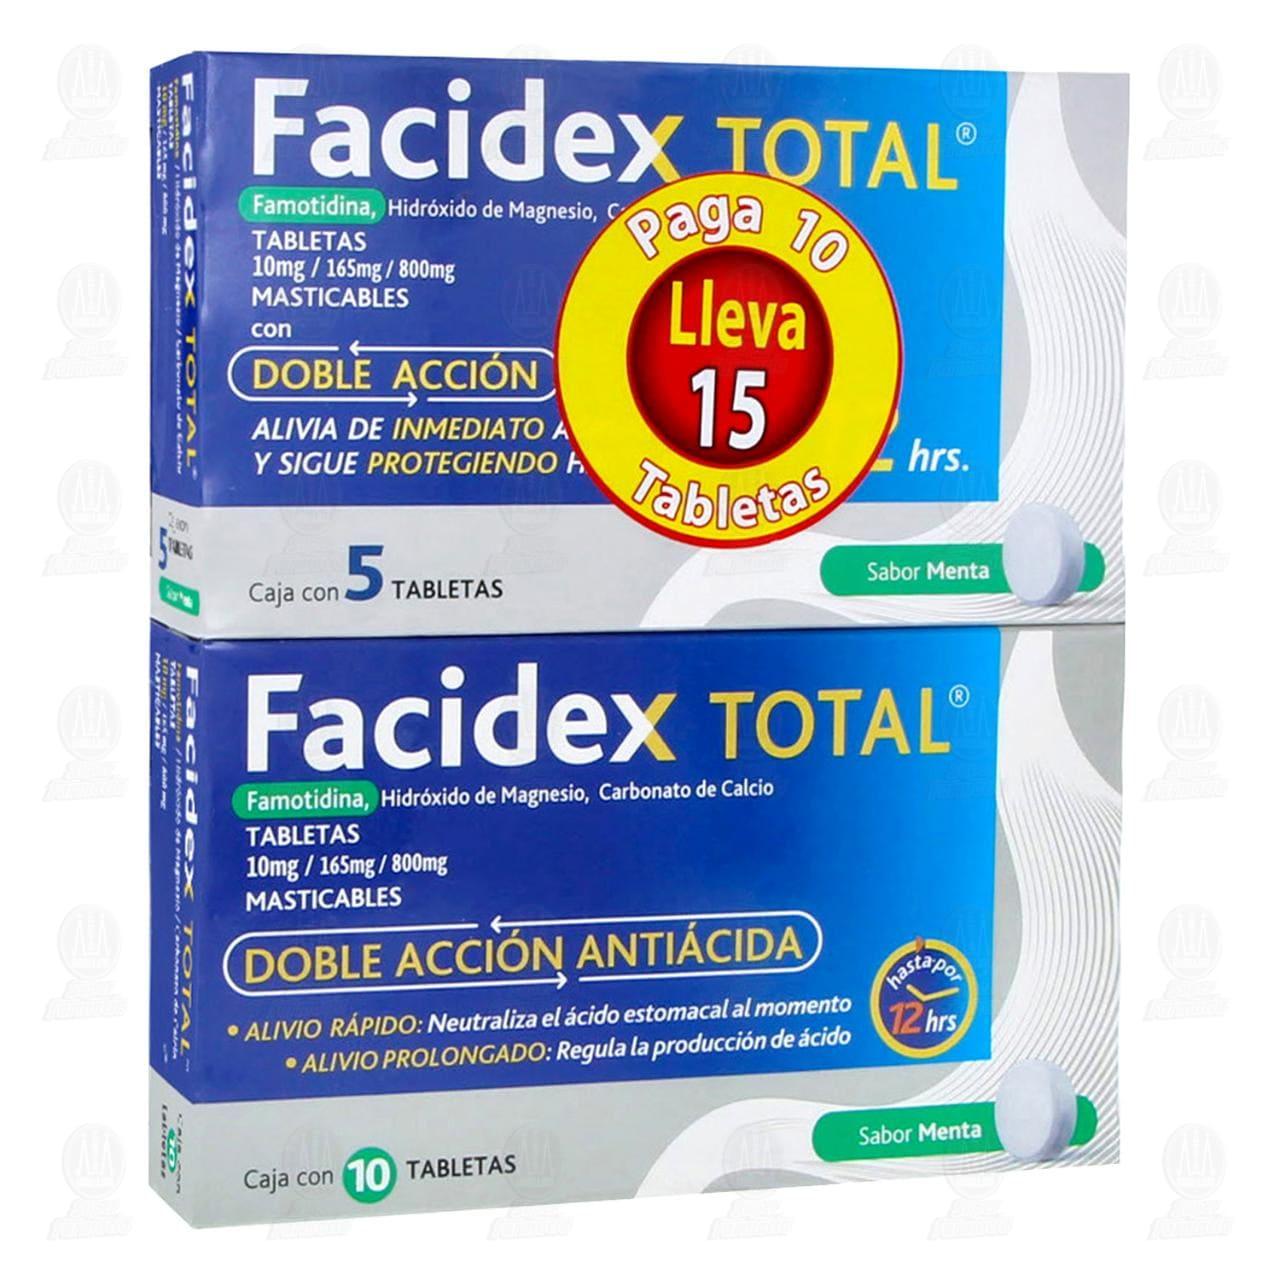 comprar https://www.movil.farmaciasguadalajara.com/wcsstore/FGCAS/wcs/products/1312251_A_1280_AL.jpg en farmacias guadalajara